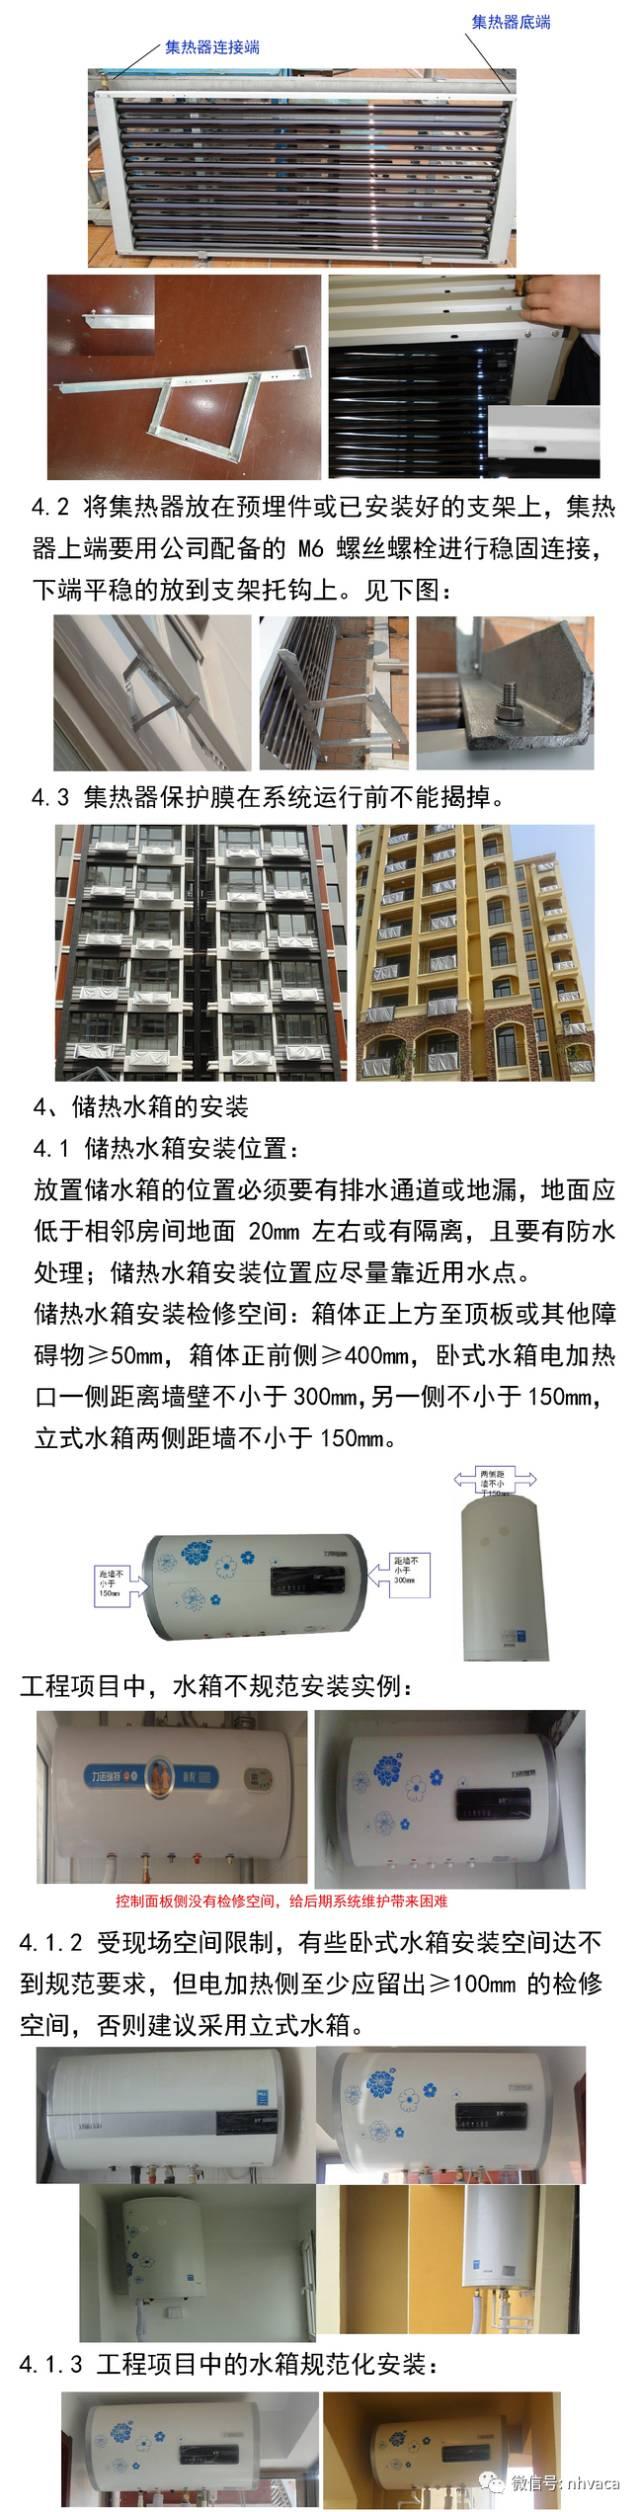 阳台壁挂太阳能热水器设计安装手册_8